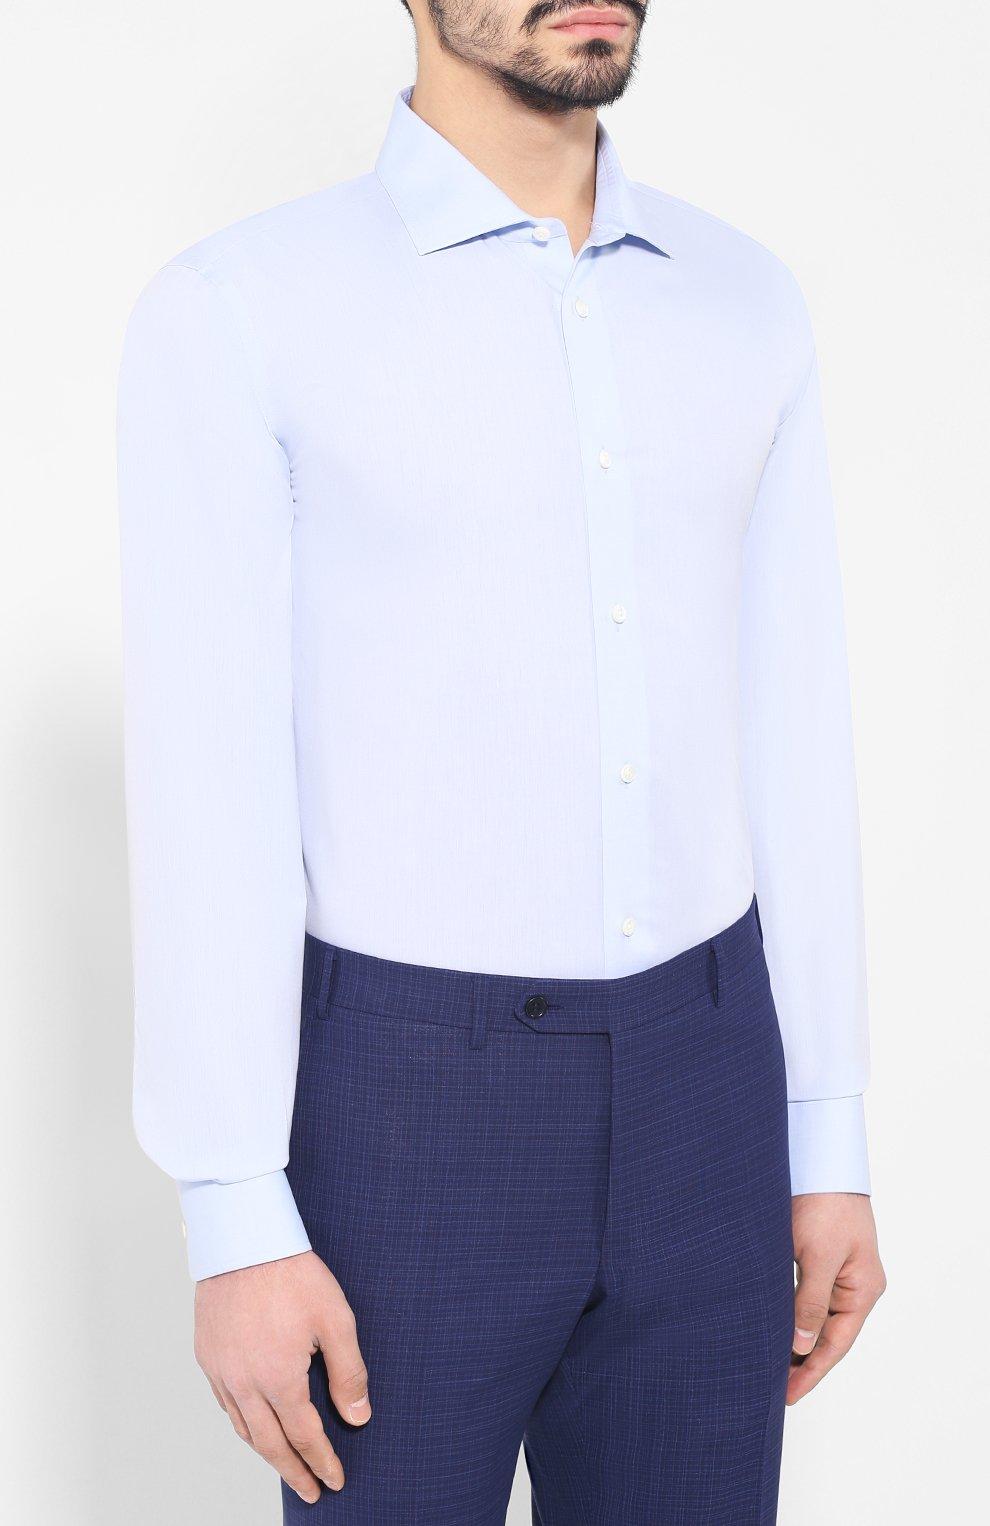 Хлопковая сорочка с воротником кент | Фото №3